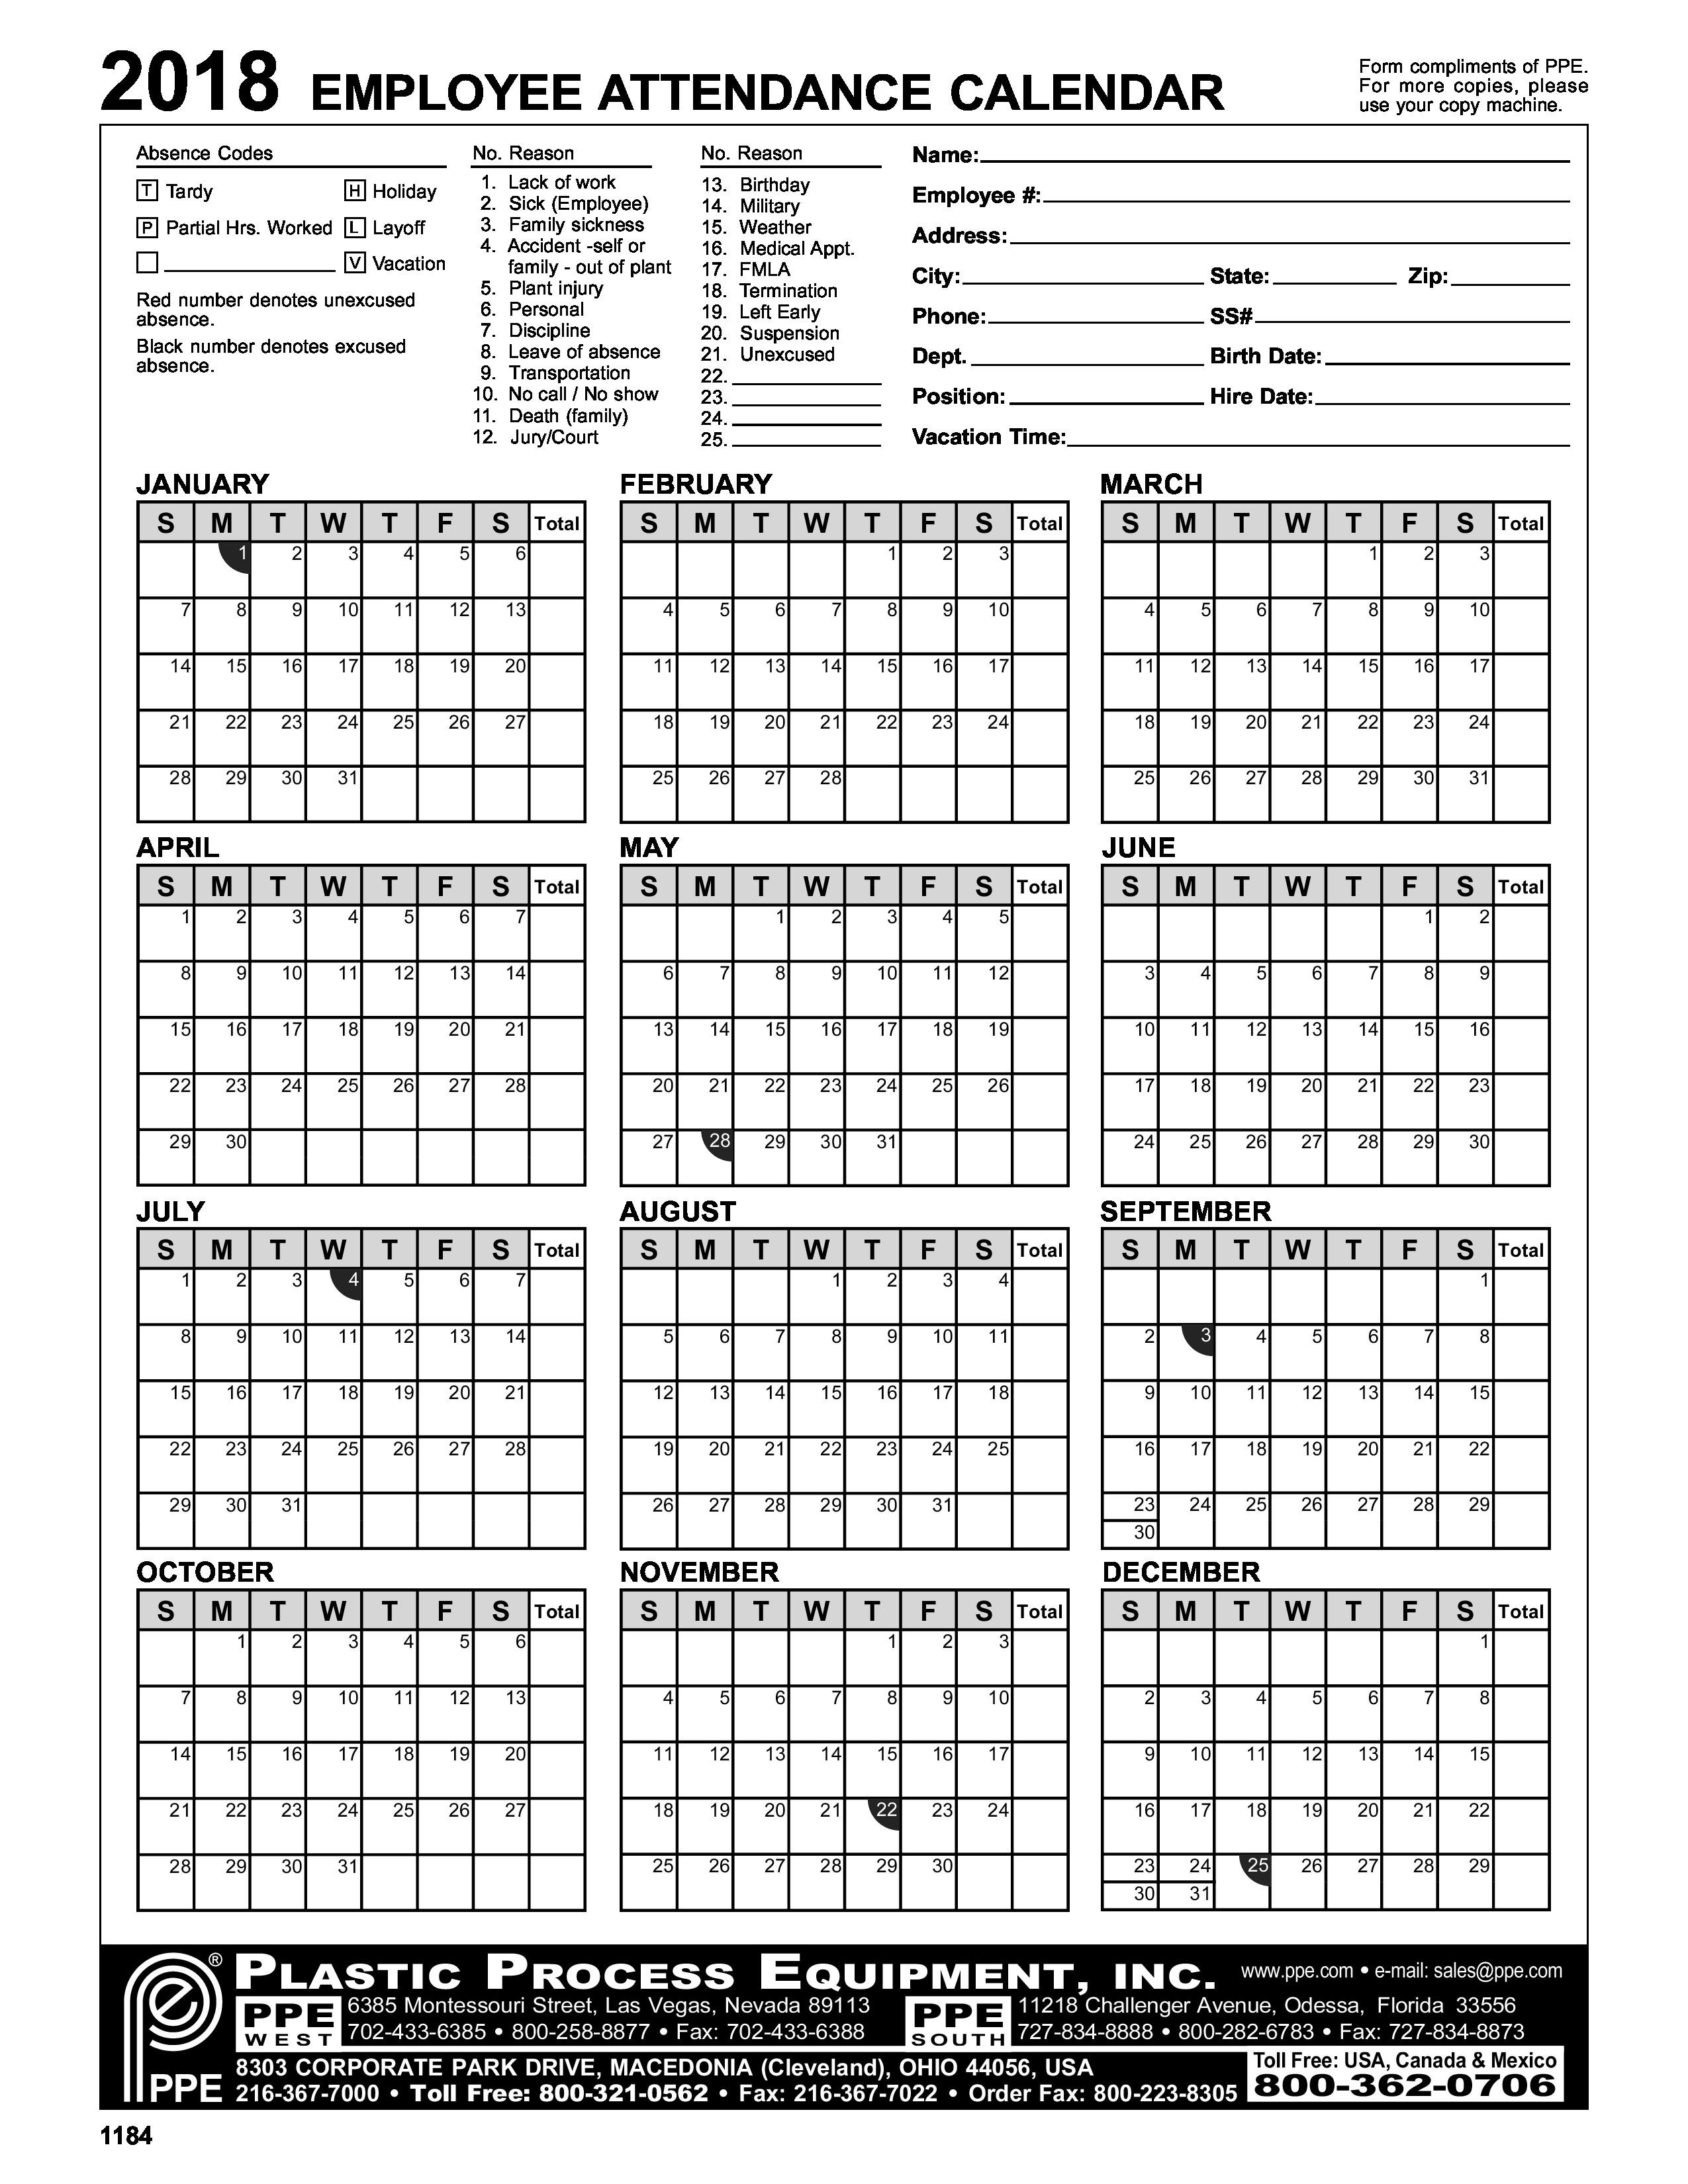 2018 Employee Attendance Calendar With Employee Attendance